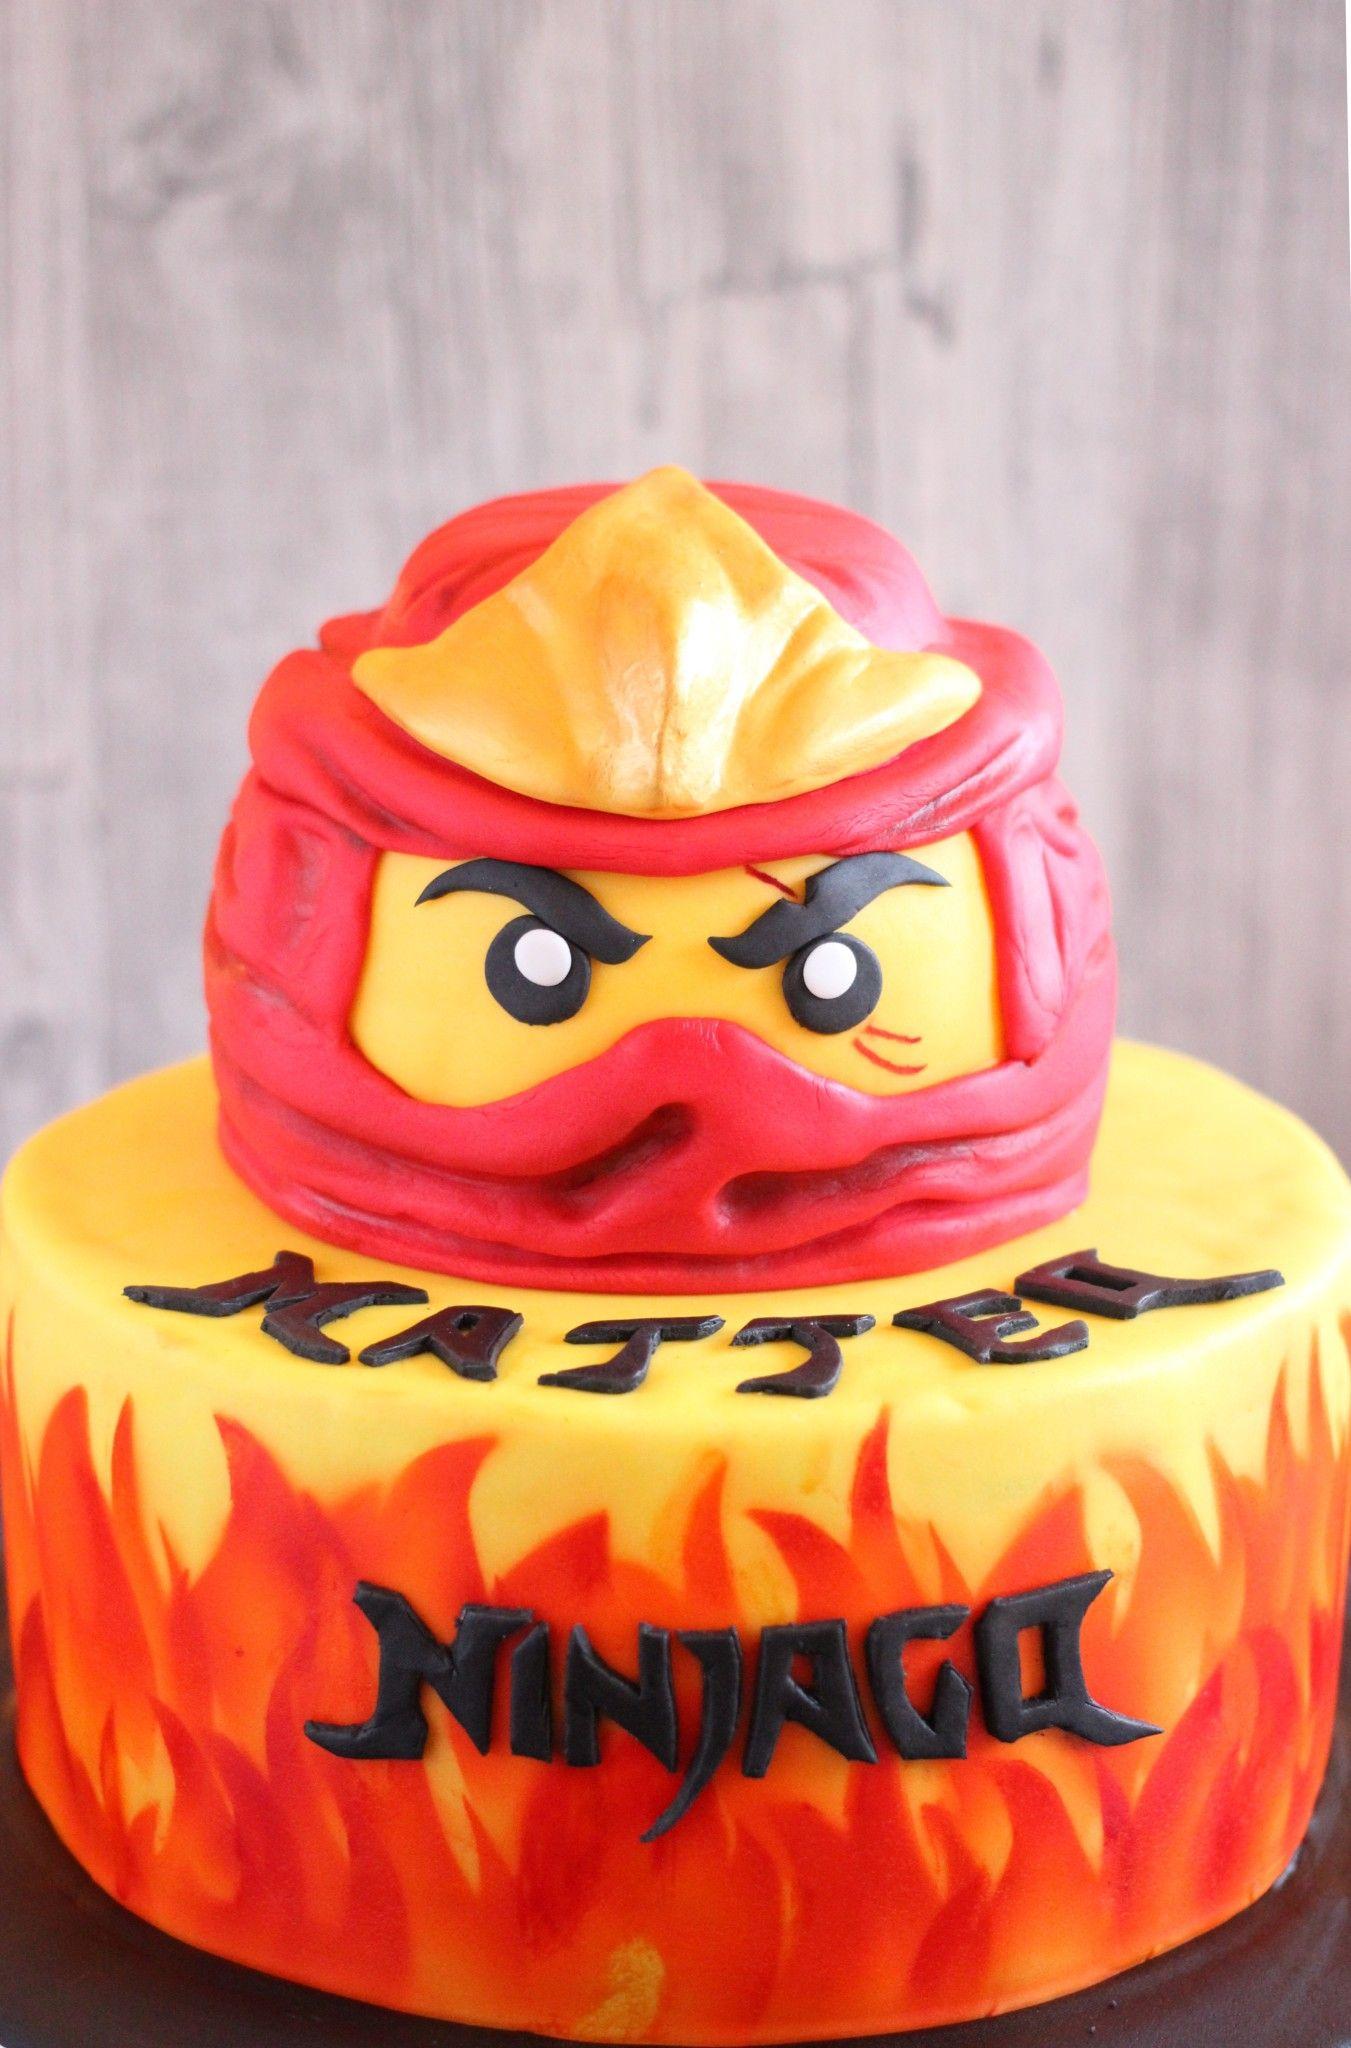 cake design lego ninjago Alle awesome Cakes die von mir bisher gezaubert wurden